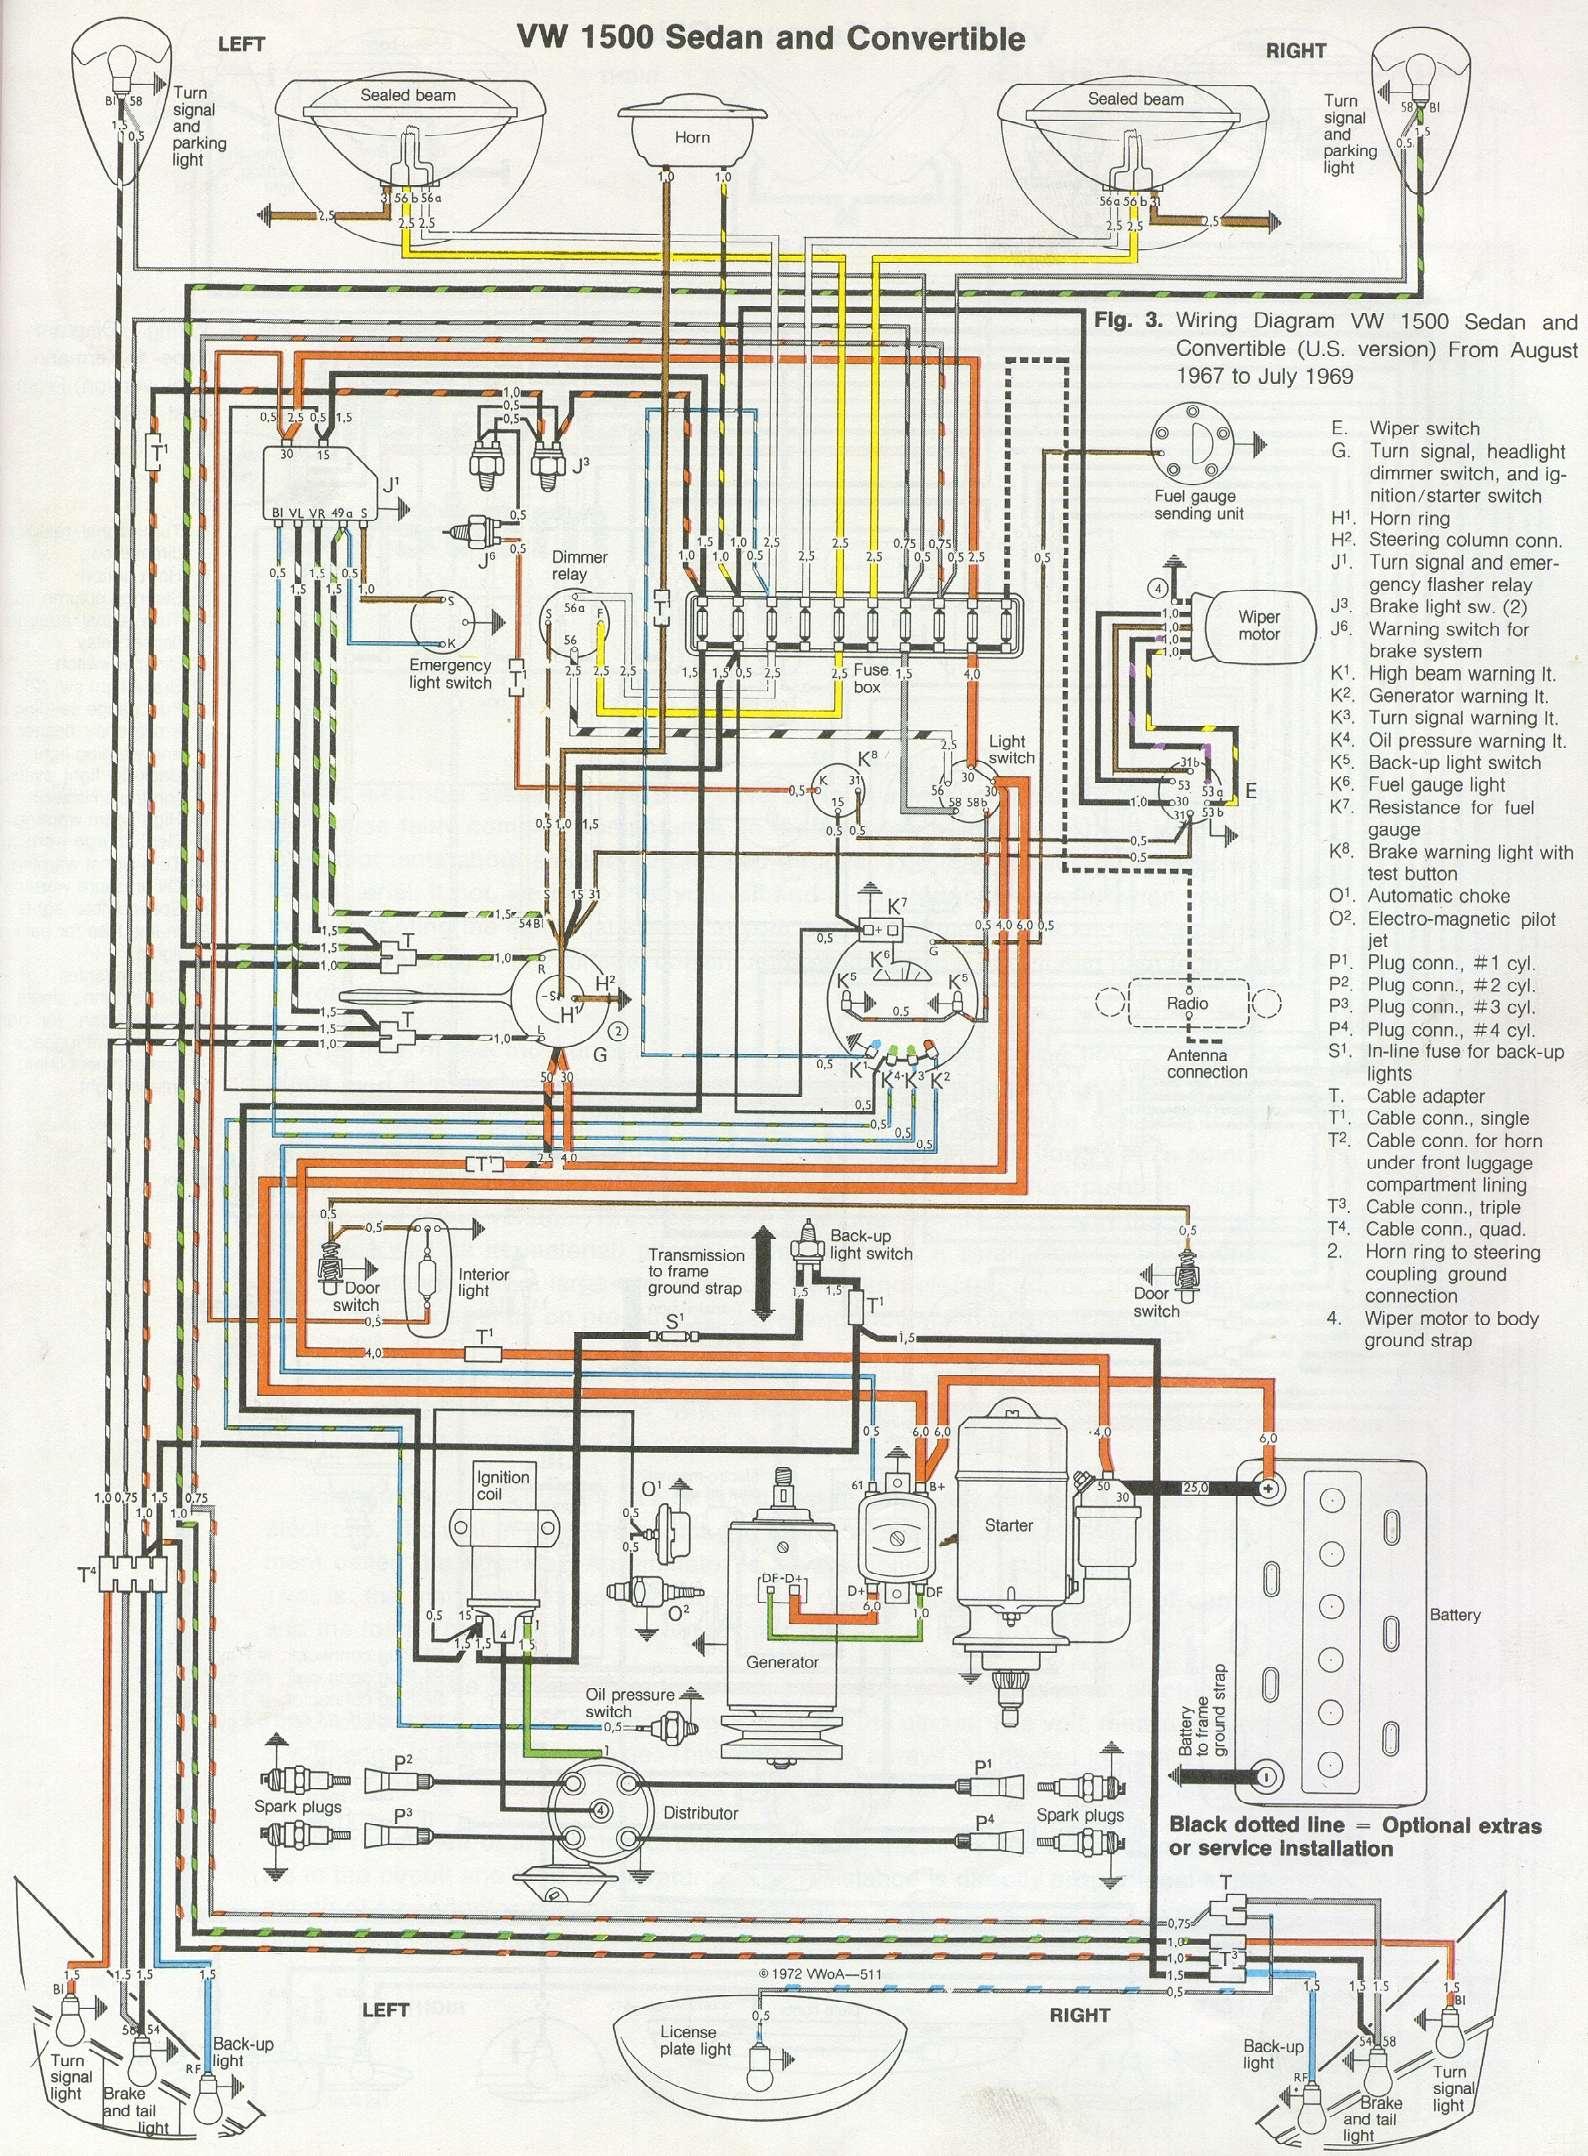 vw bus heater diagram 1967 volkswagen beetle wiring diagram general wiring diagrams  1967 volkswagen beetle wiring diagram